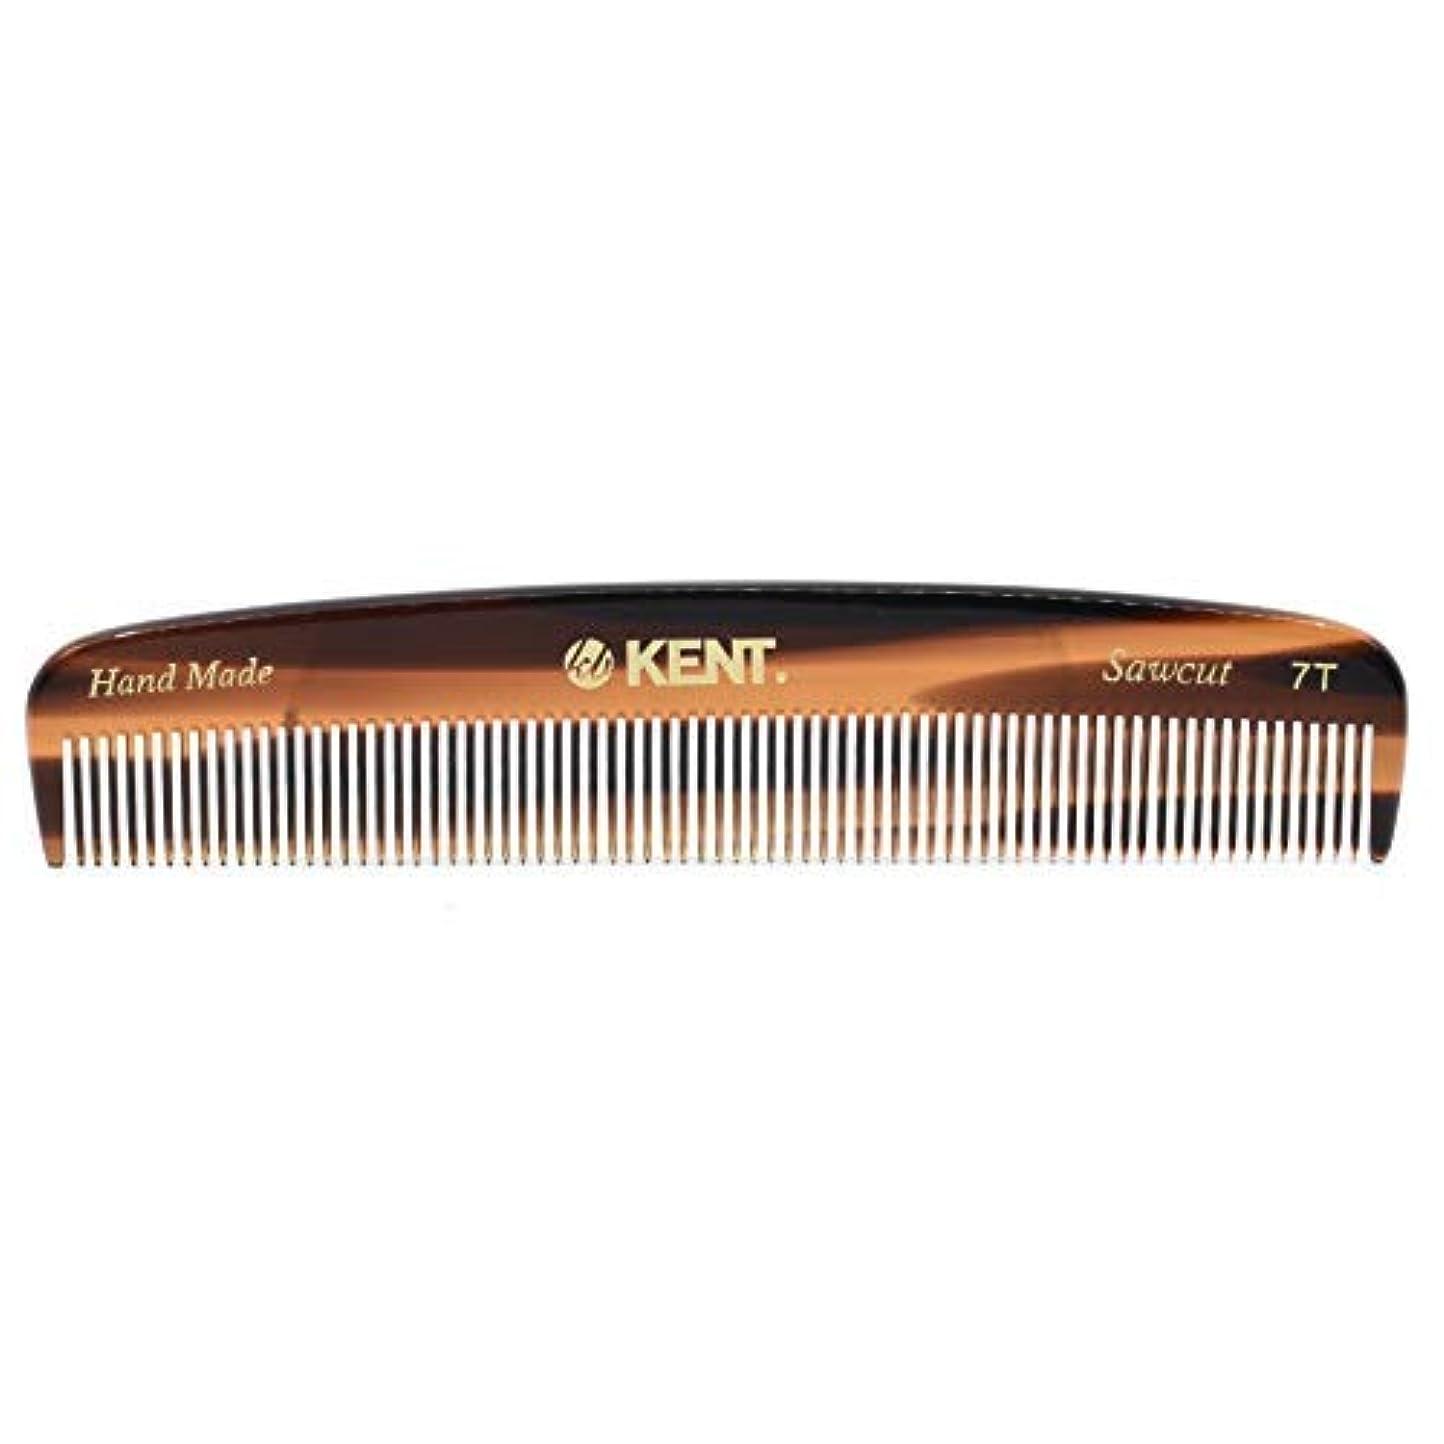 でる鹿パックKent 7T - Handmade Fine Teeth Pocket Comb for Men and Women - Cellulose Acetate, Tortoise Shell (5 1/2